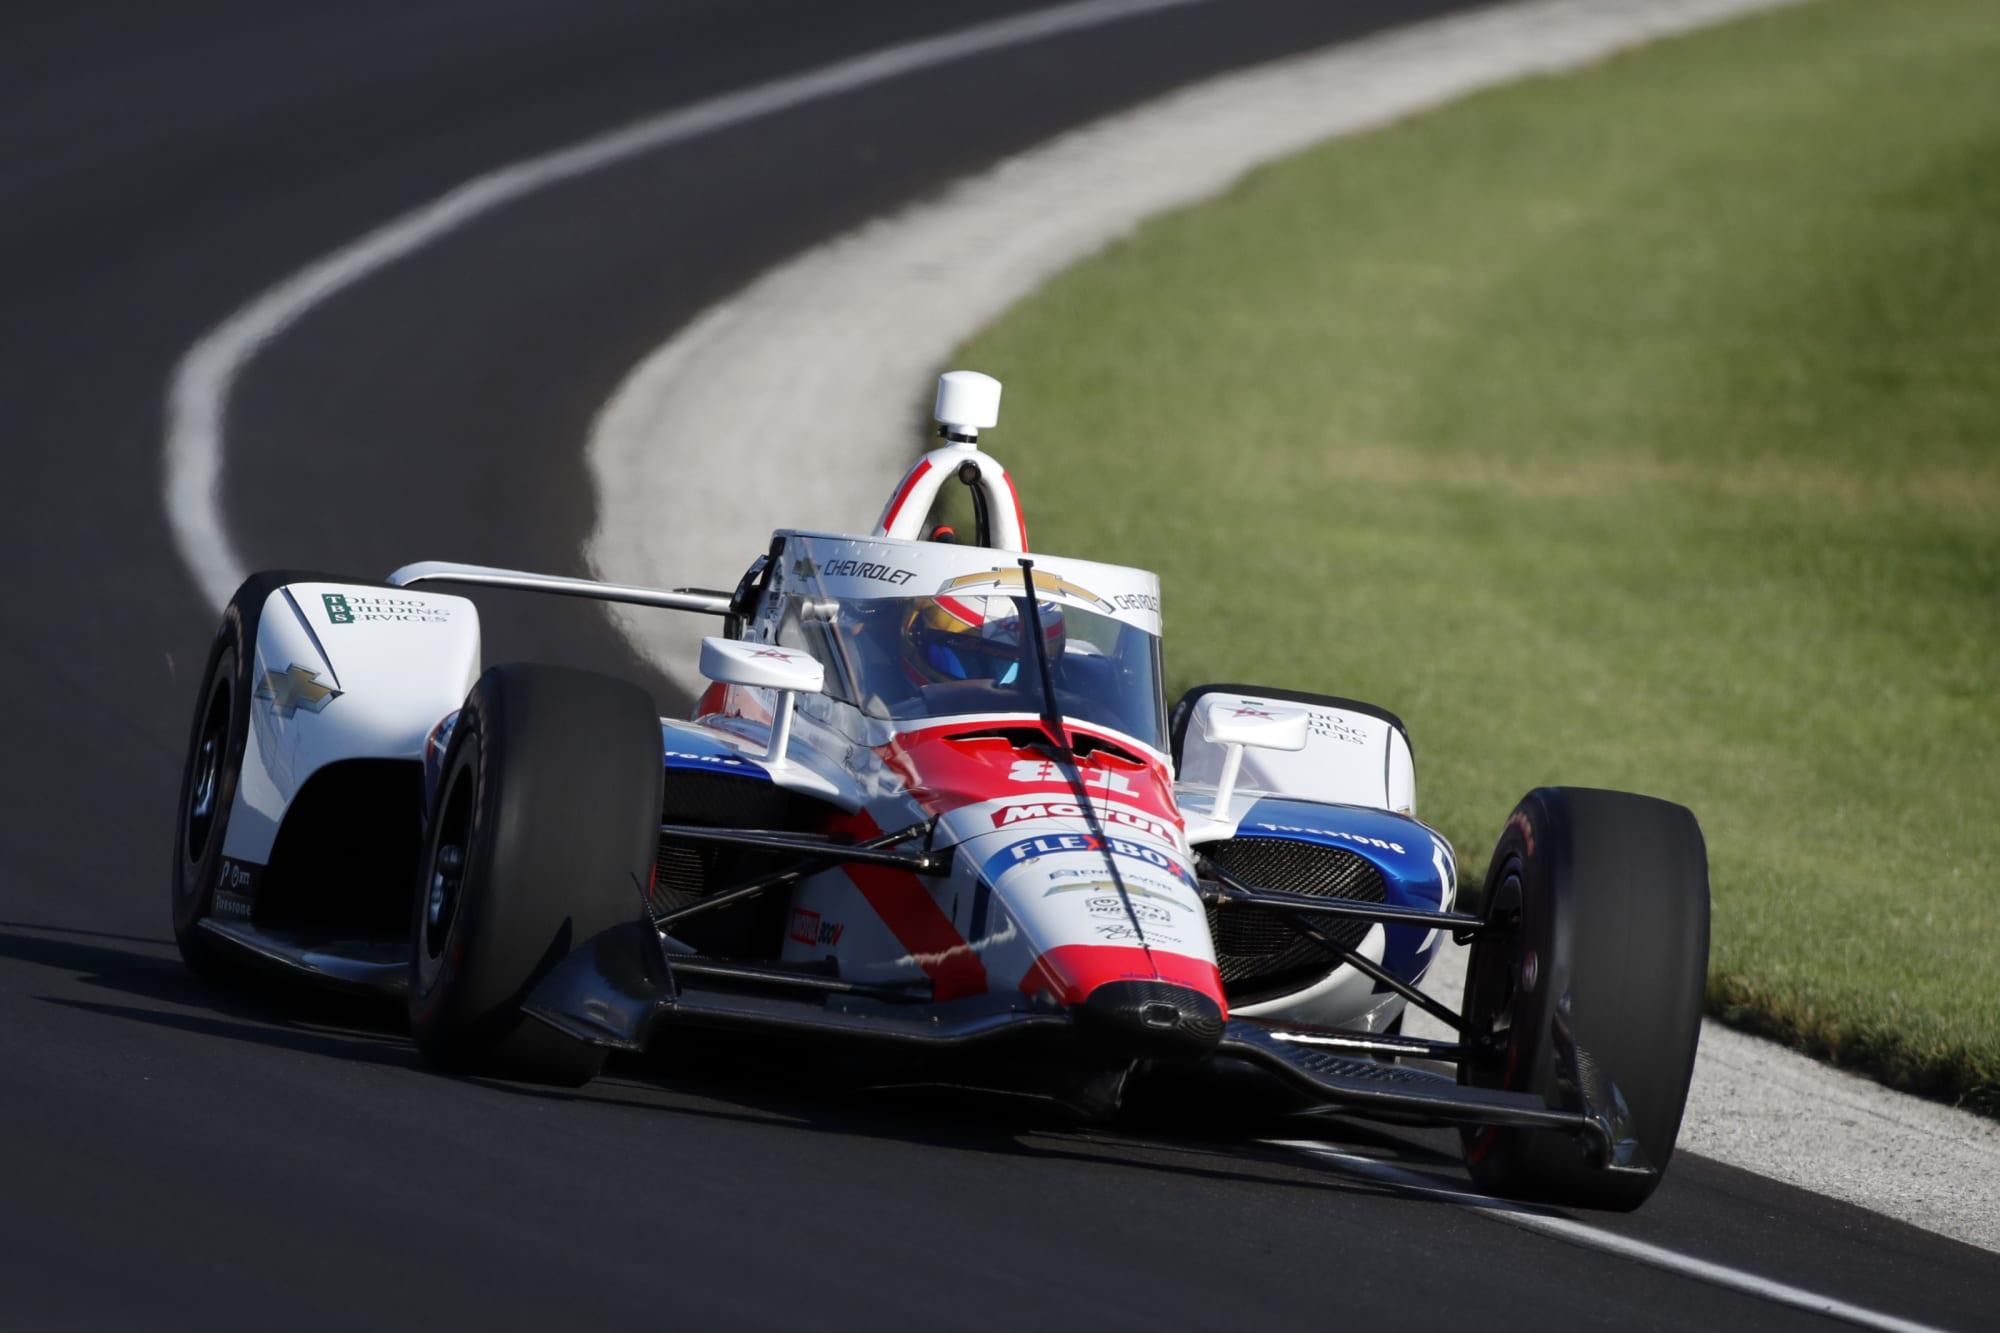 IndyCar team shutting down following 2020 season